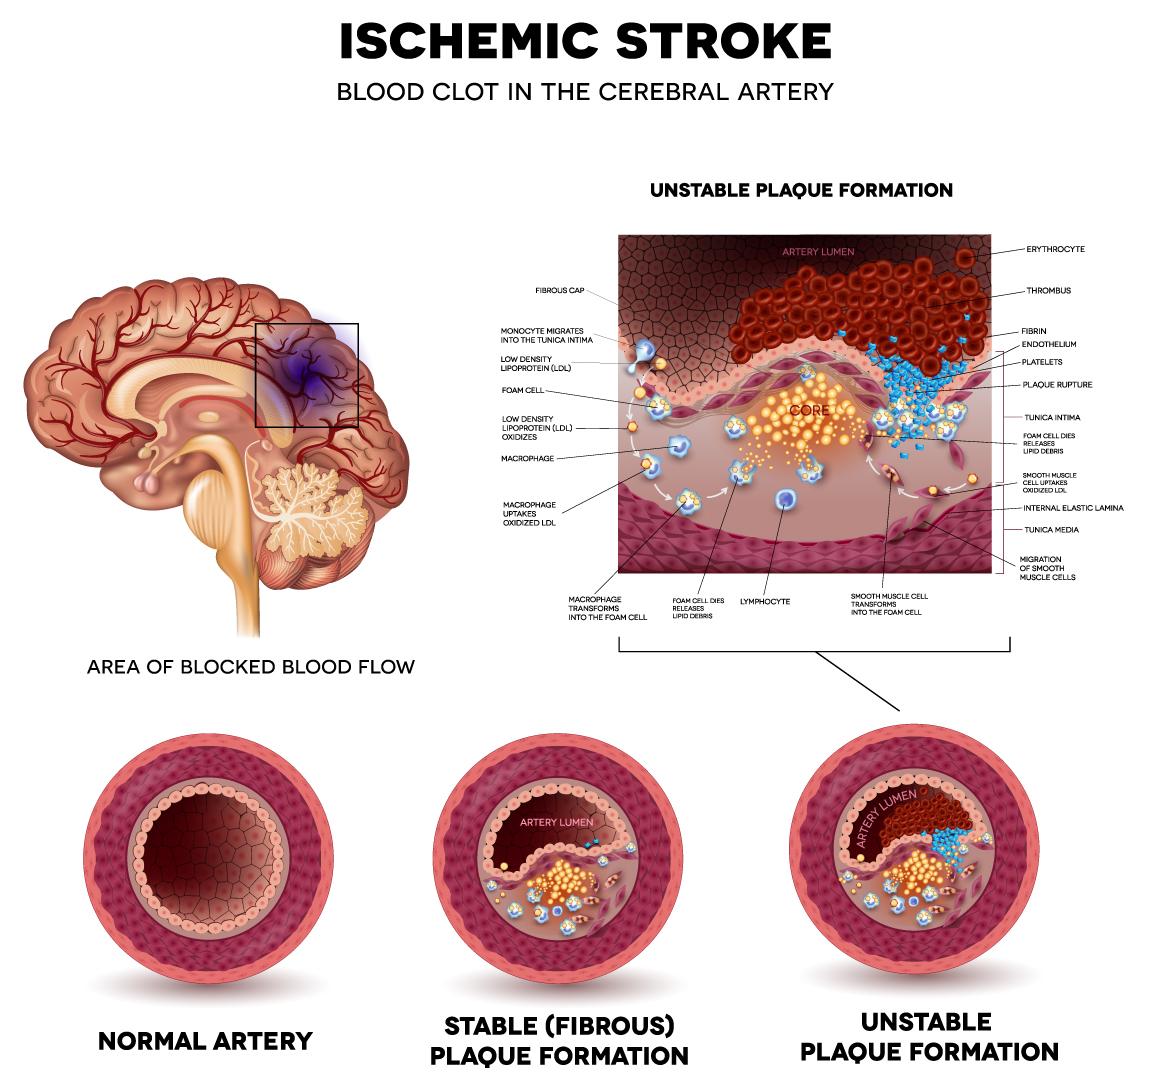 https://aceamino.com/wp-content/uploads/2018/10/ischemic-stroke.jpg